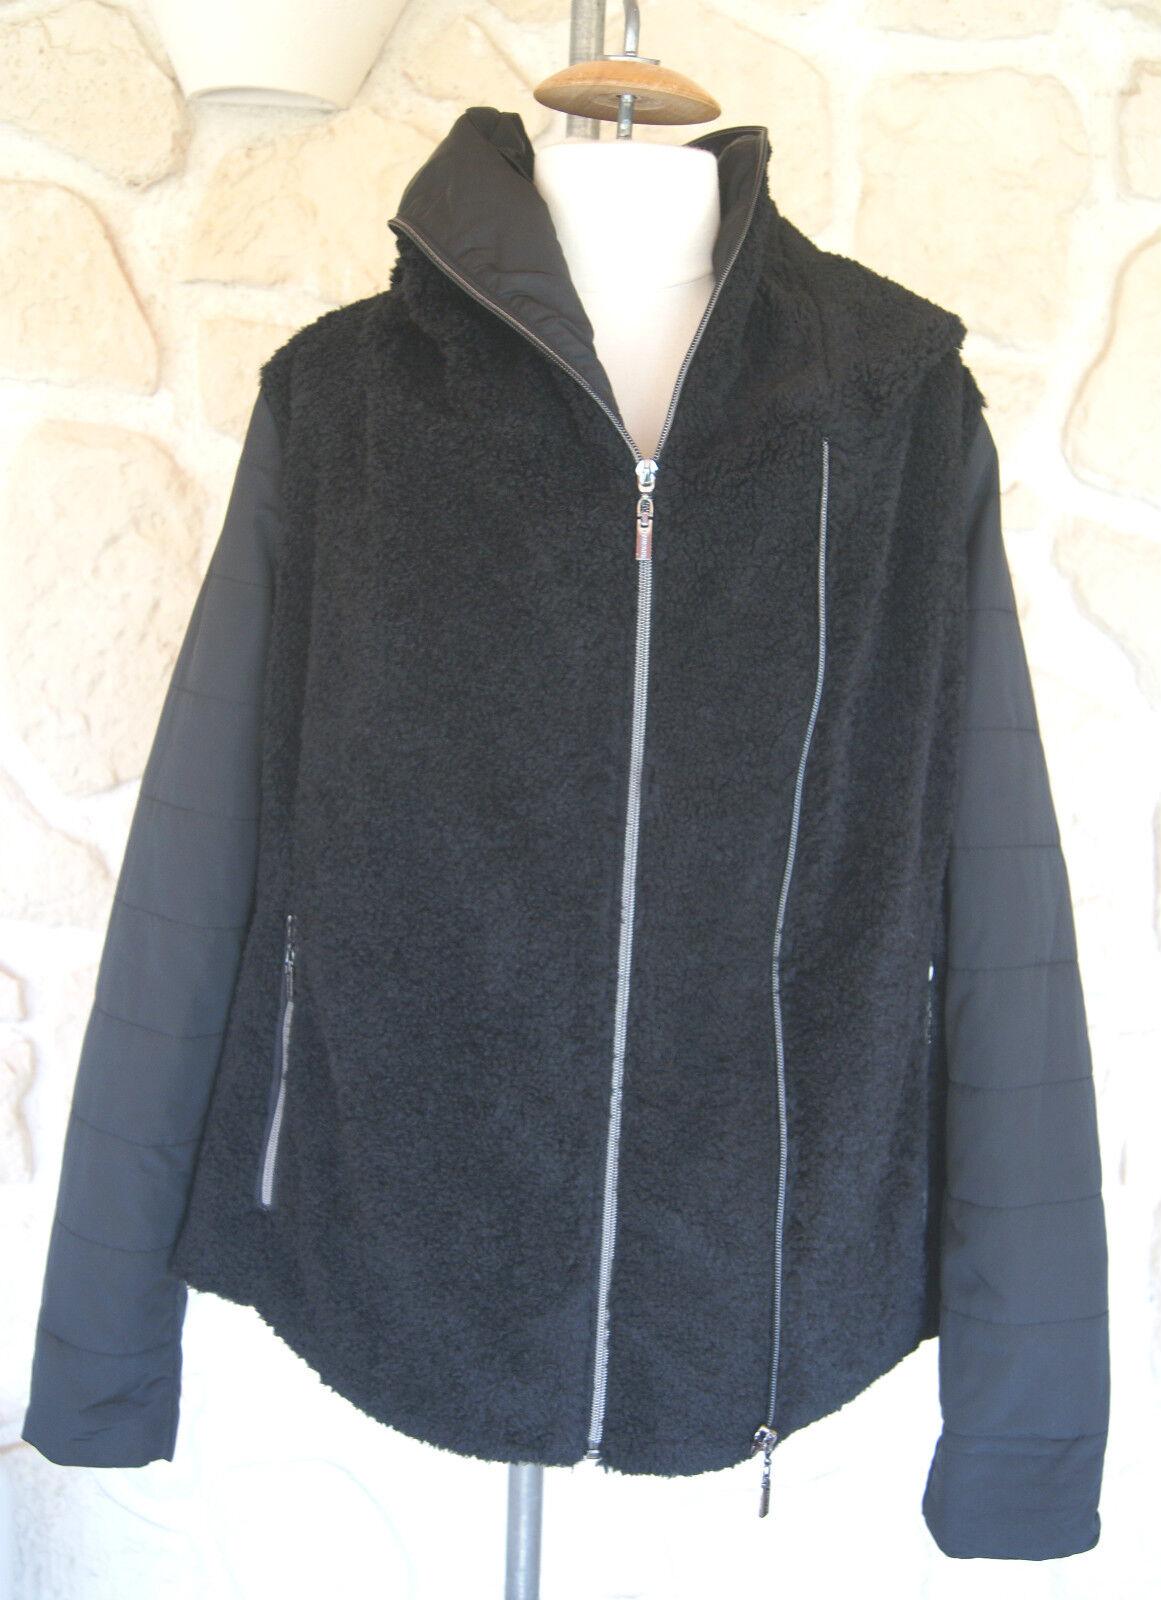 Manteau black neuf de marque Beaumont size 40 étiqueté à